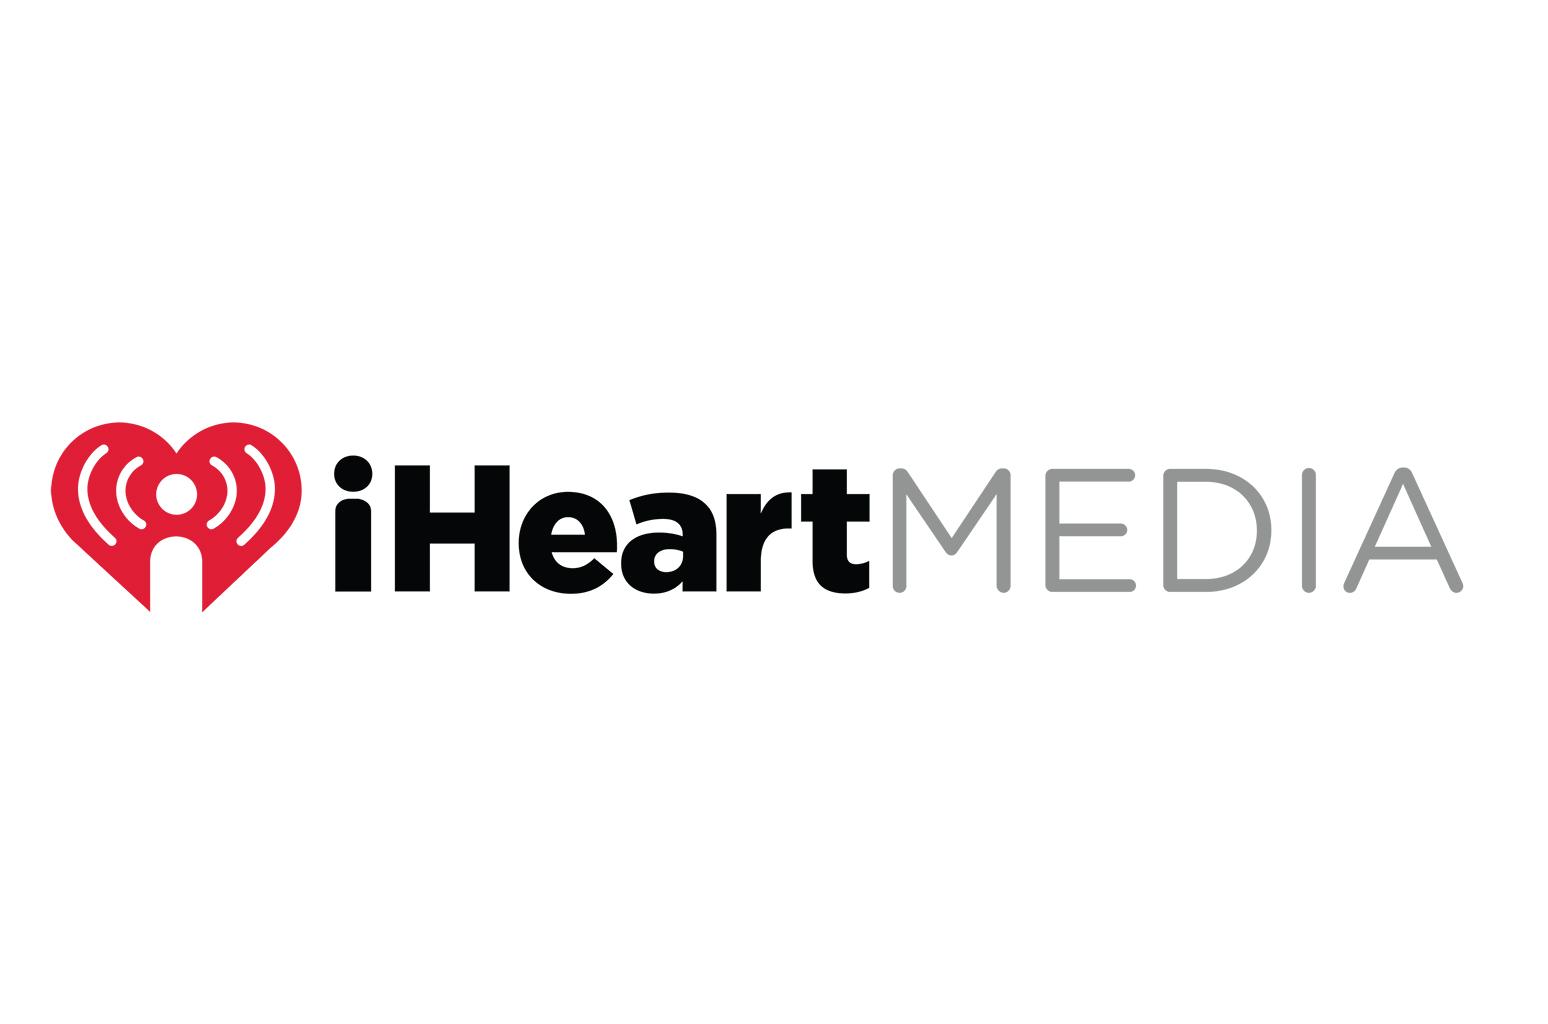 iheartmedia-logo-2017-billboard-1548.jpg